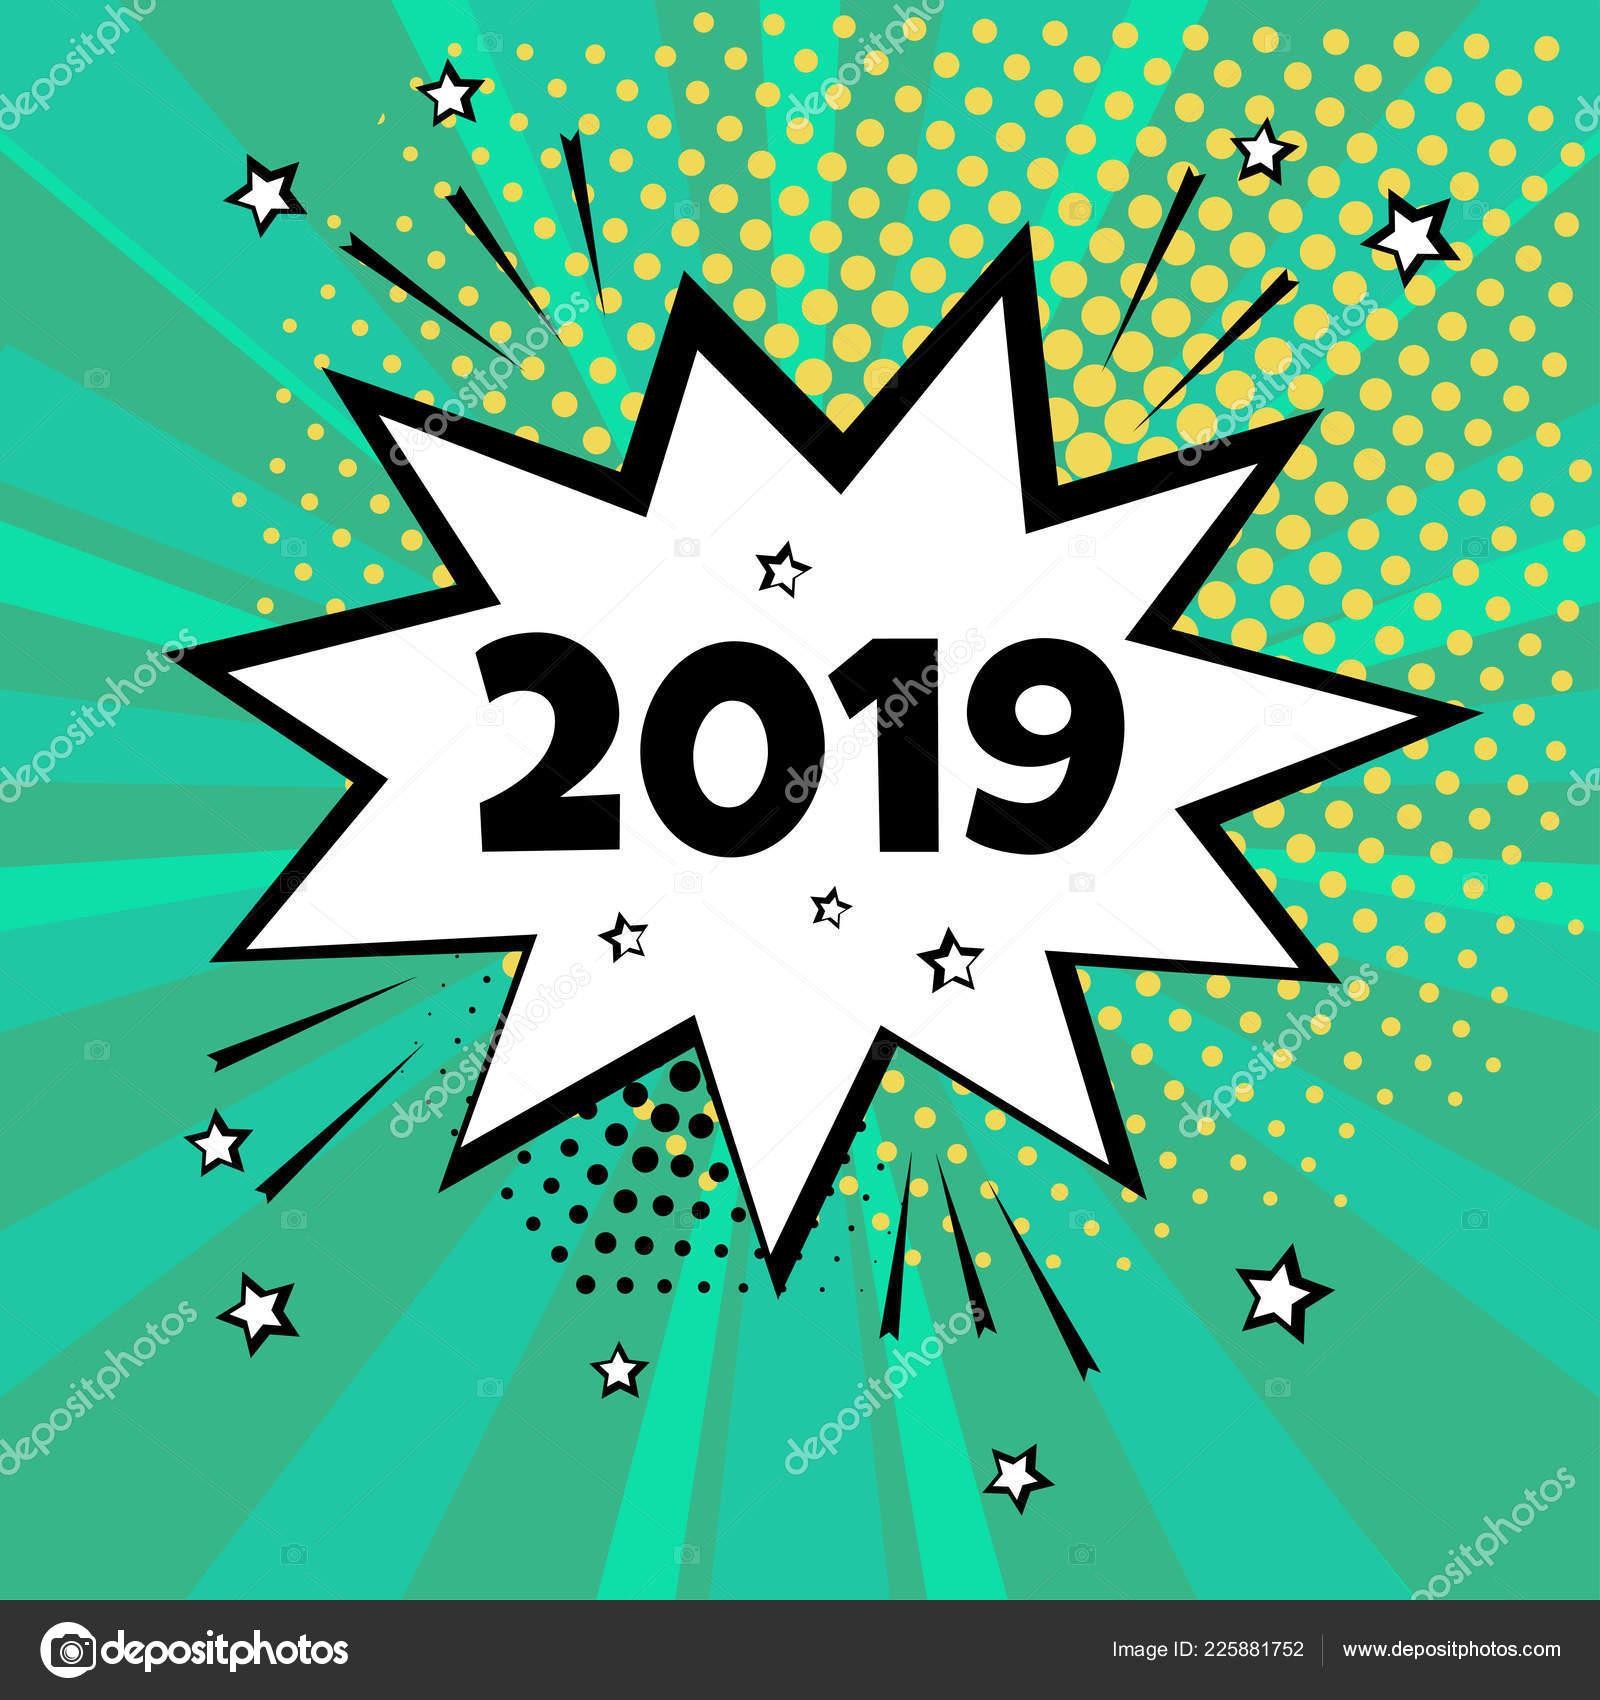 Weiße Comic-Blase mit 2019 Wort auf grünem Hintergrund. Comic-Sound ...